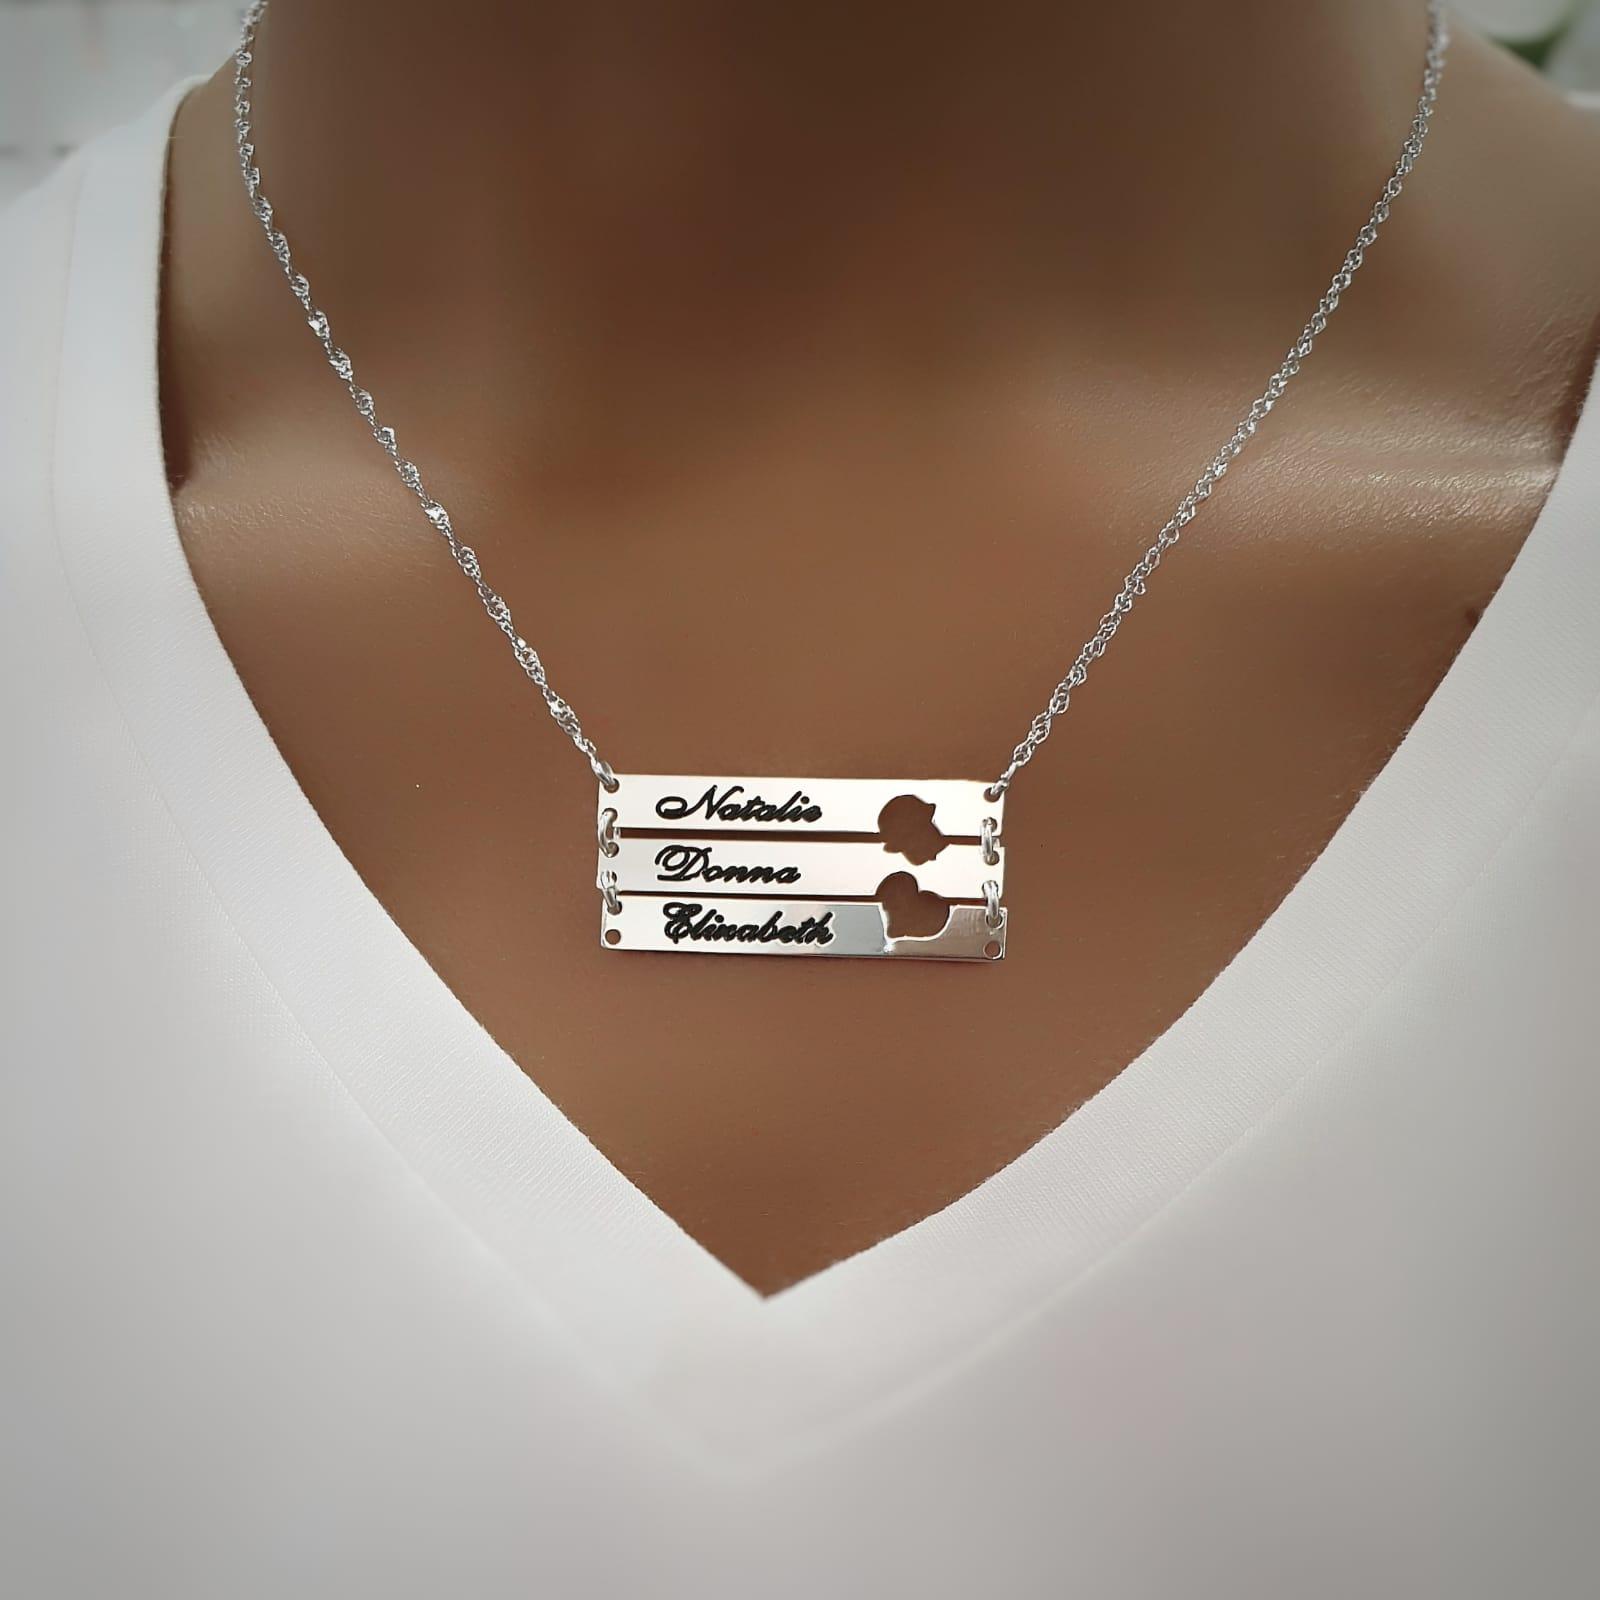 שרשרת פלטות עם לב או חמסה חלולים וחריטה אישית- כסף 925/ גולדפילד